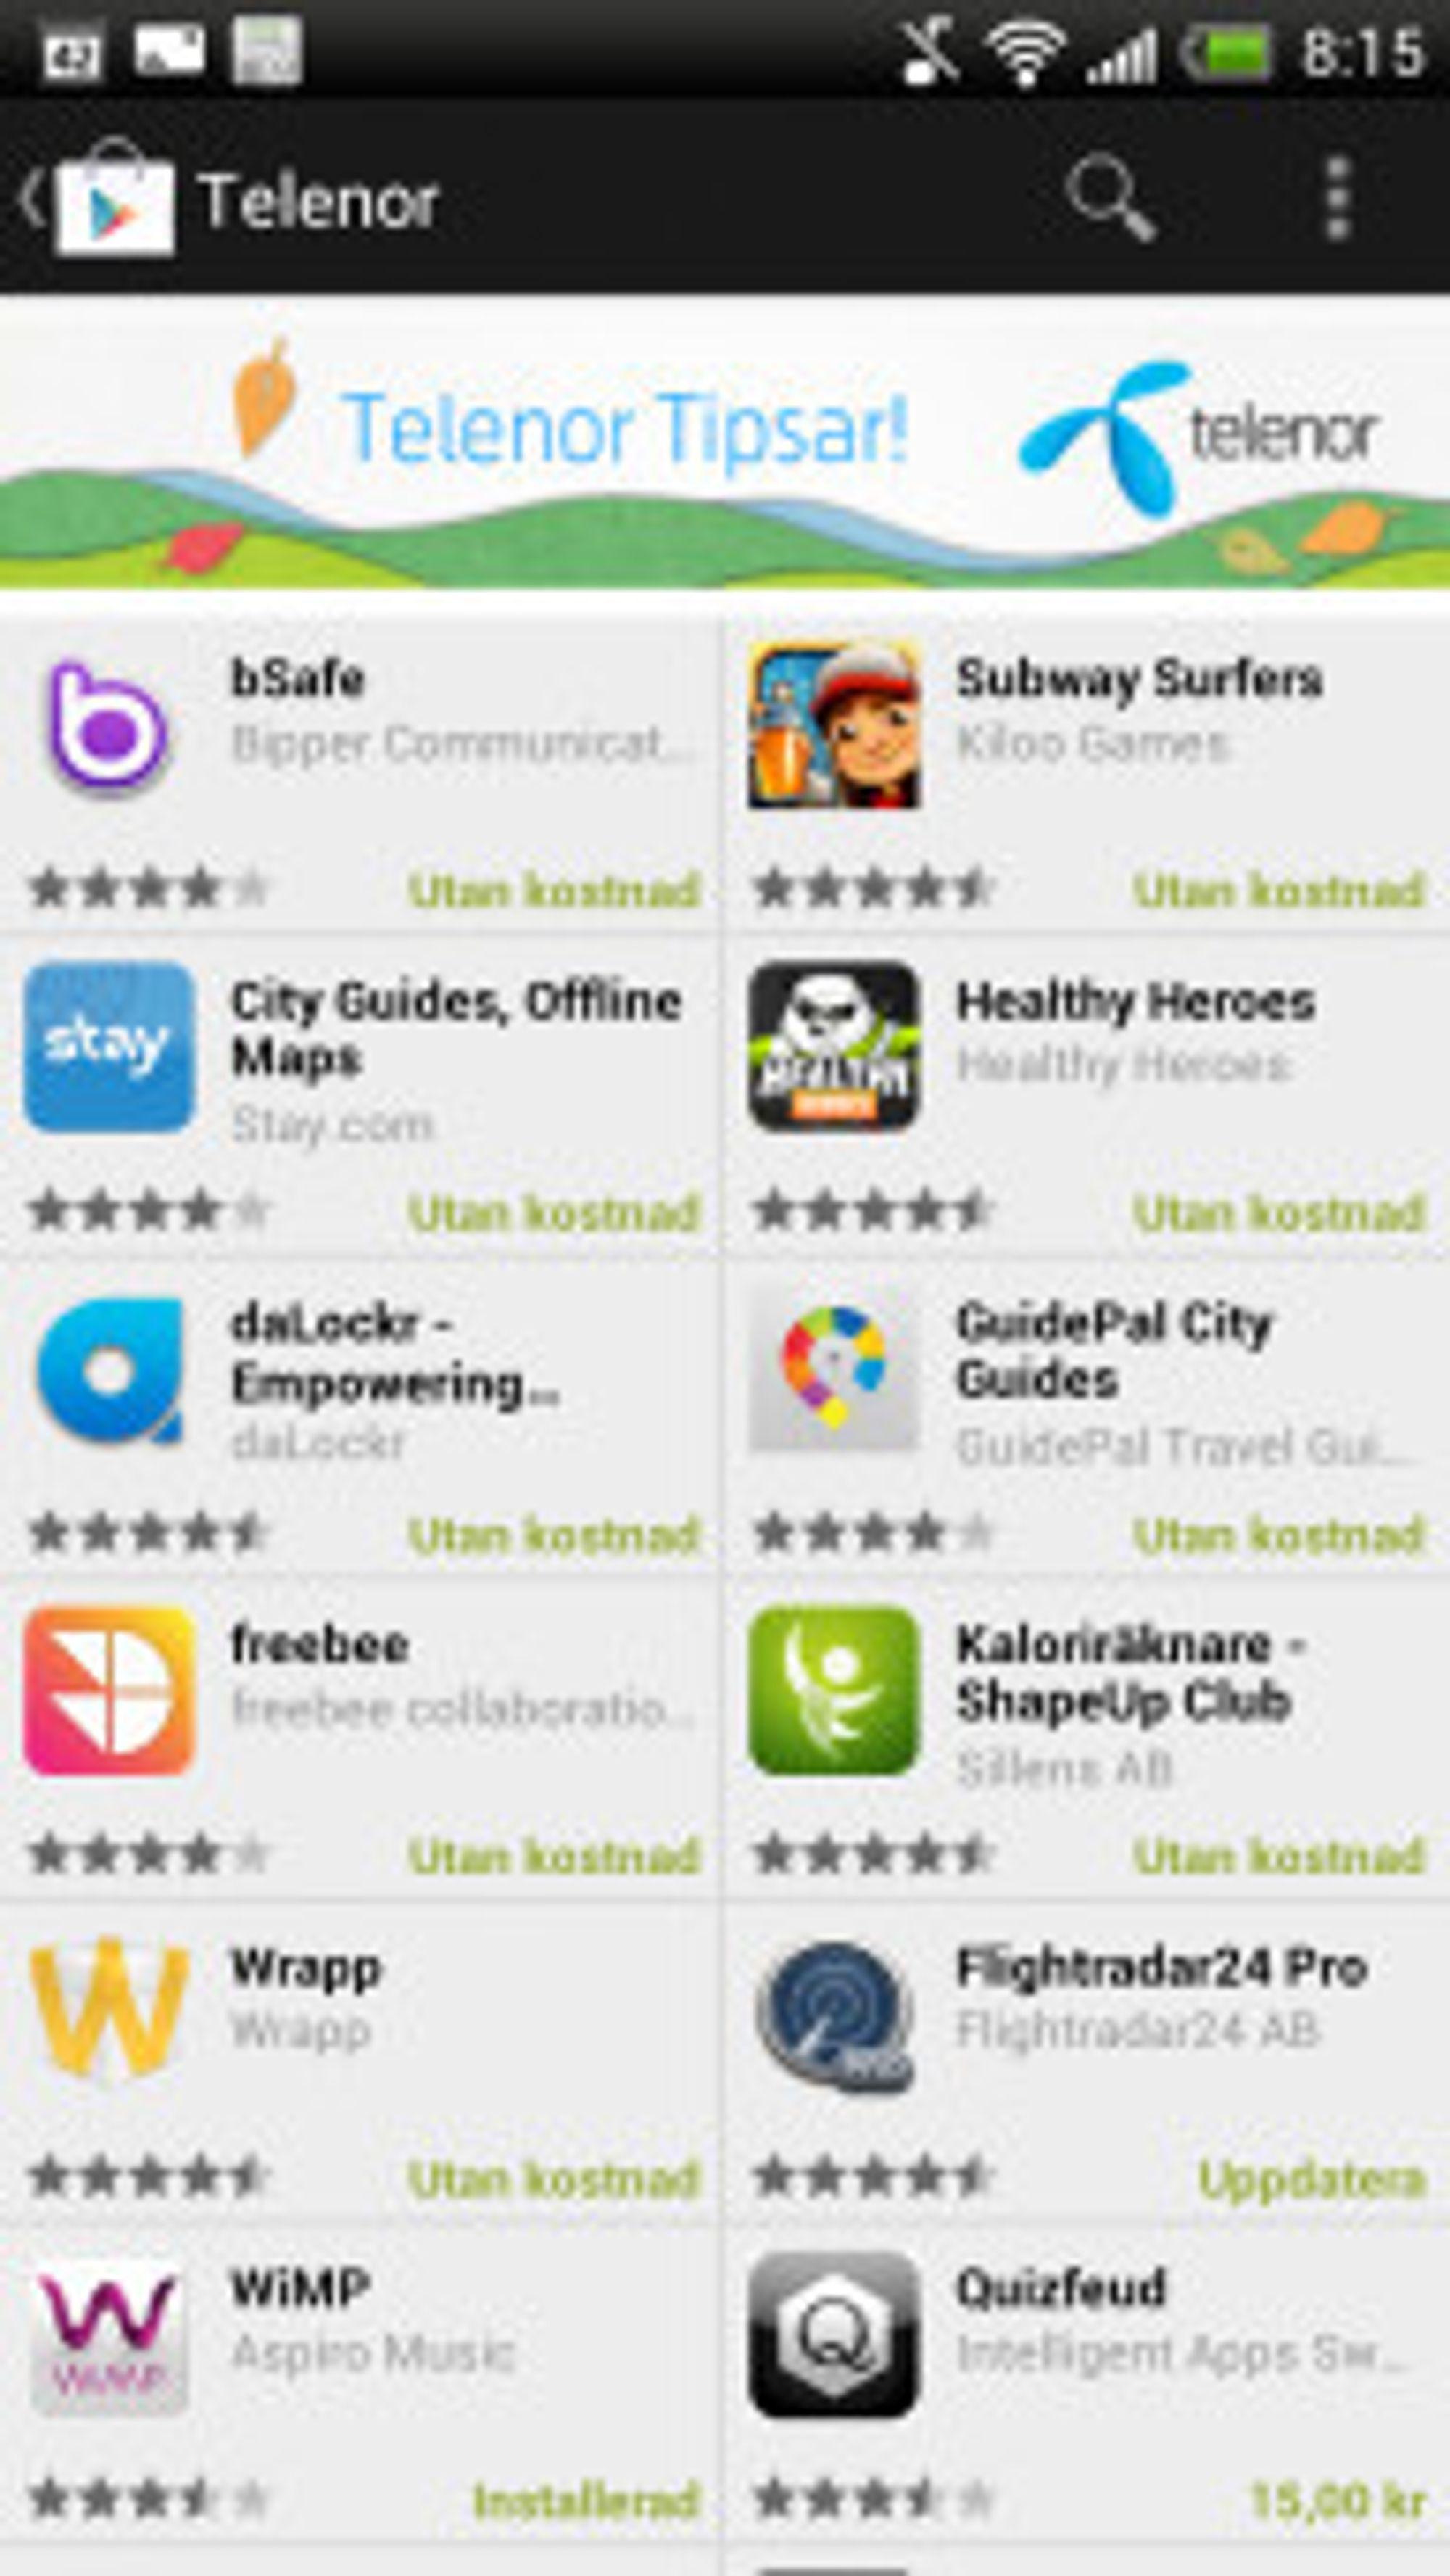 Den svenske Telenor-hyllen i Google Market